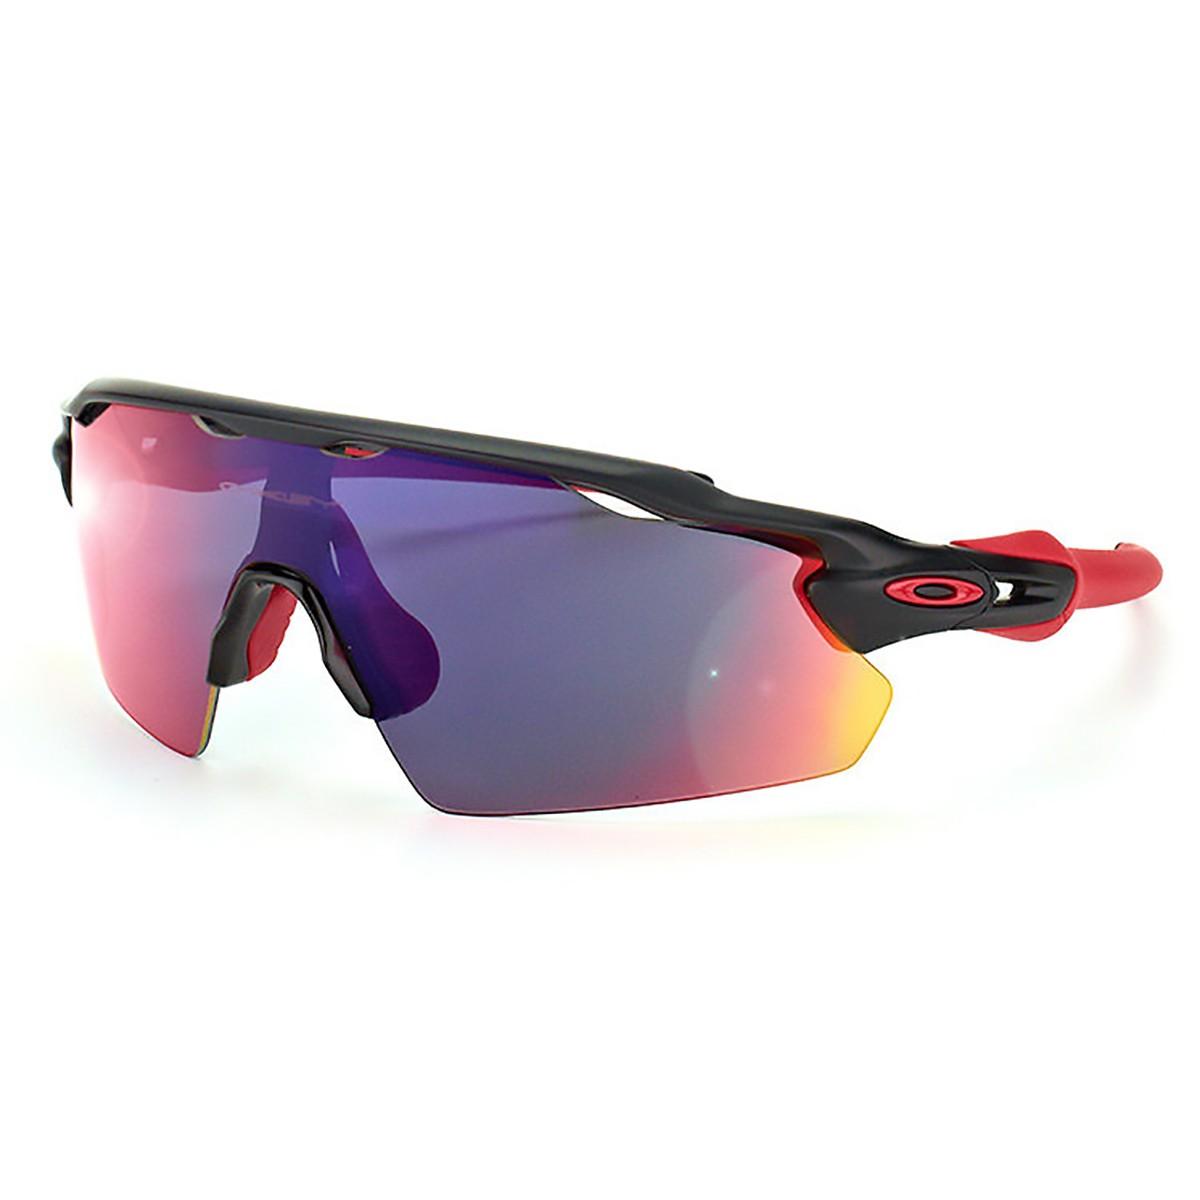 87a5db1fe74ea Compre Óculos de Sol Oakley Radar Ev Pitch em 10X